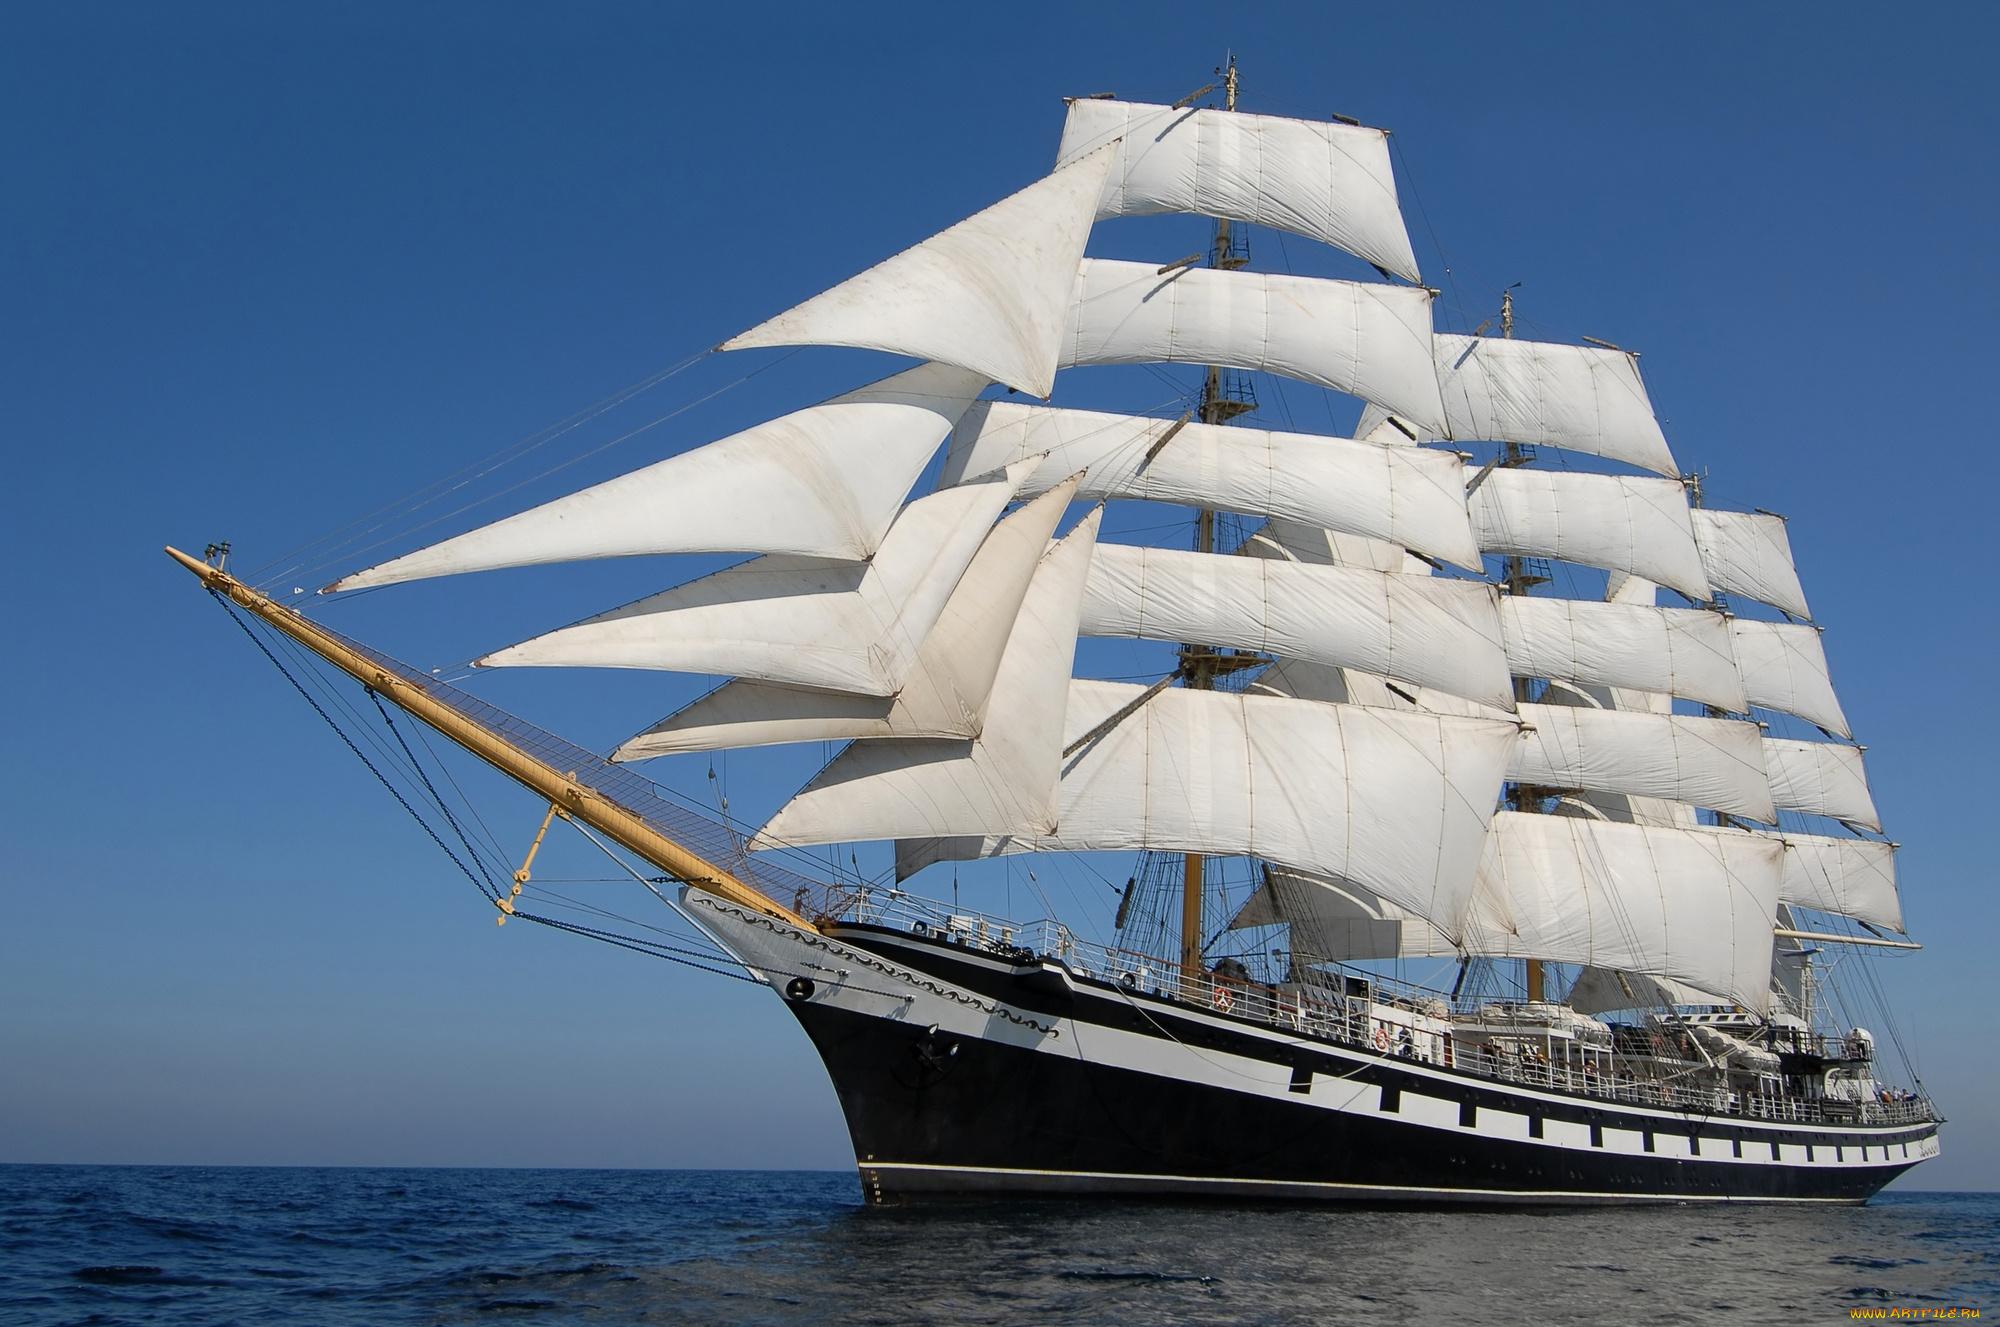 Днем, картинки парусные корабли в море